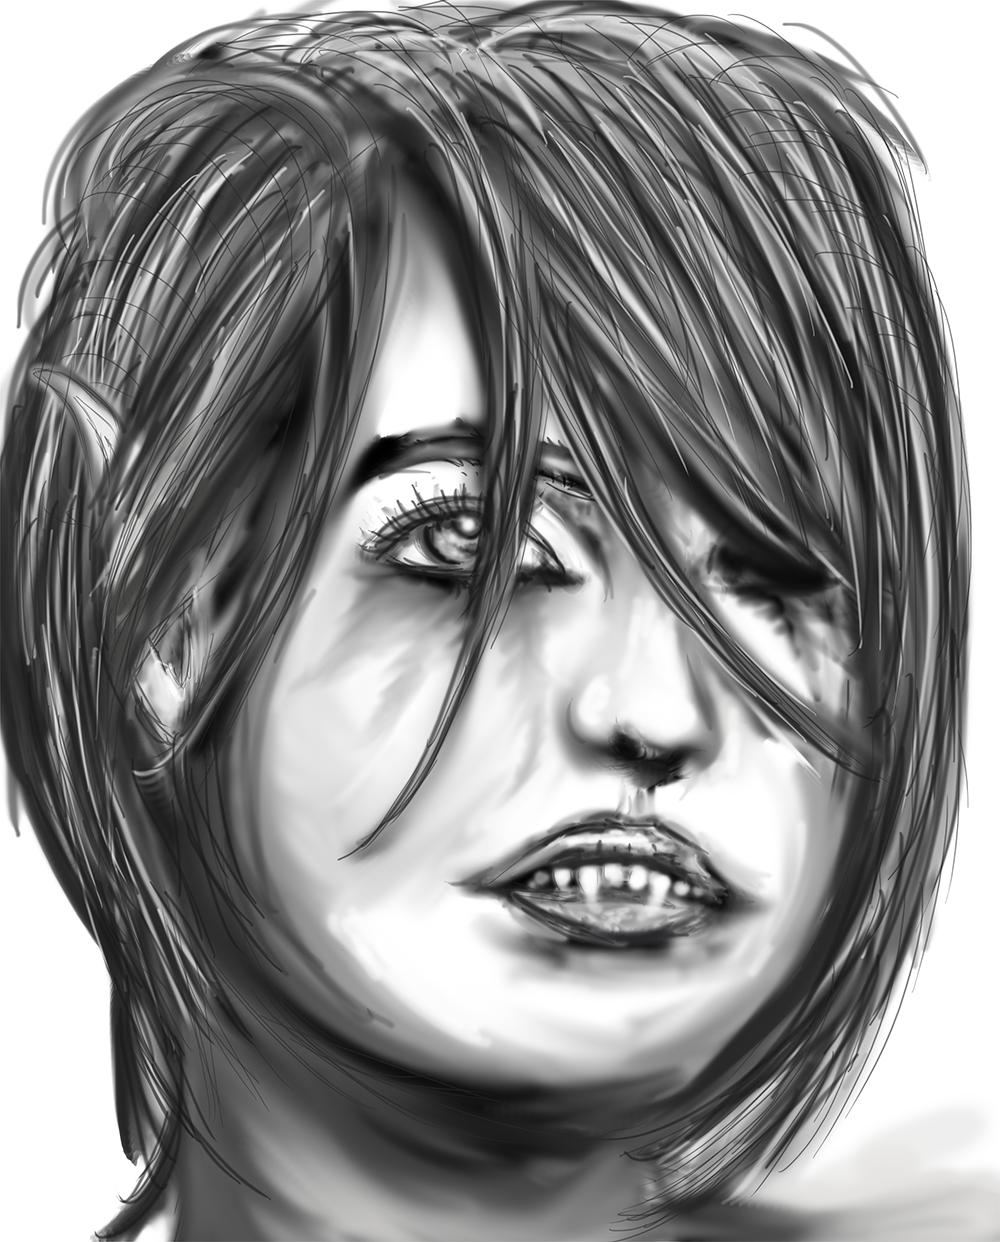 Day 25 - Portrait Study Speedpaint 3 by ShaneProcrastinates